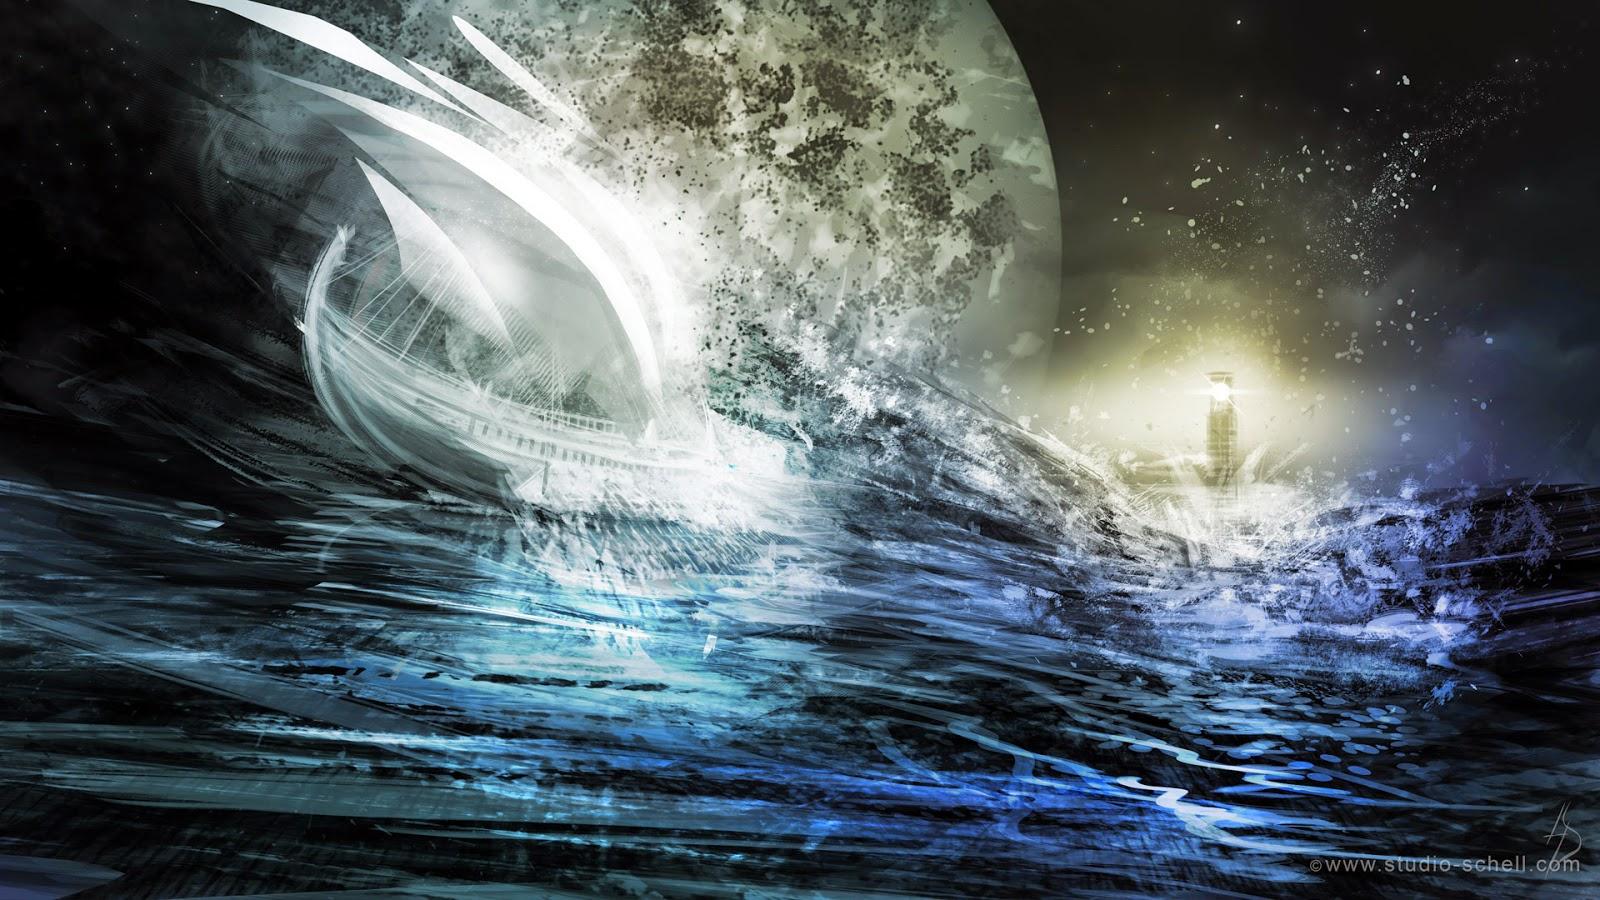 Dreamlands+p2+Lovecraft+White+Ship+v2+%5